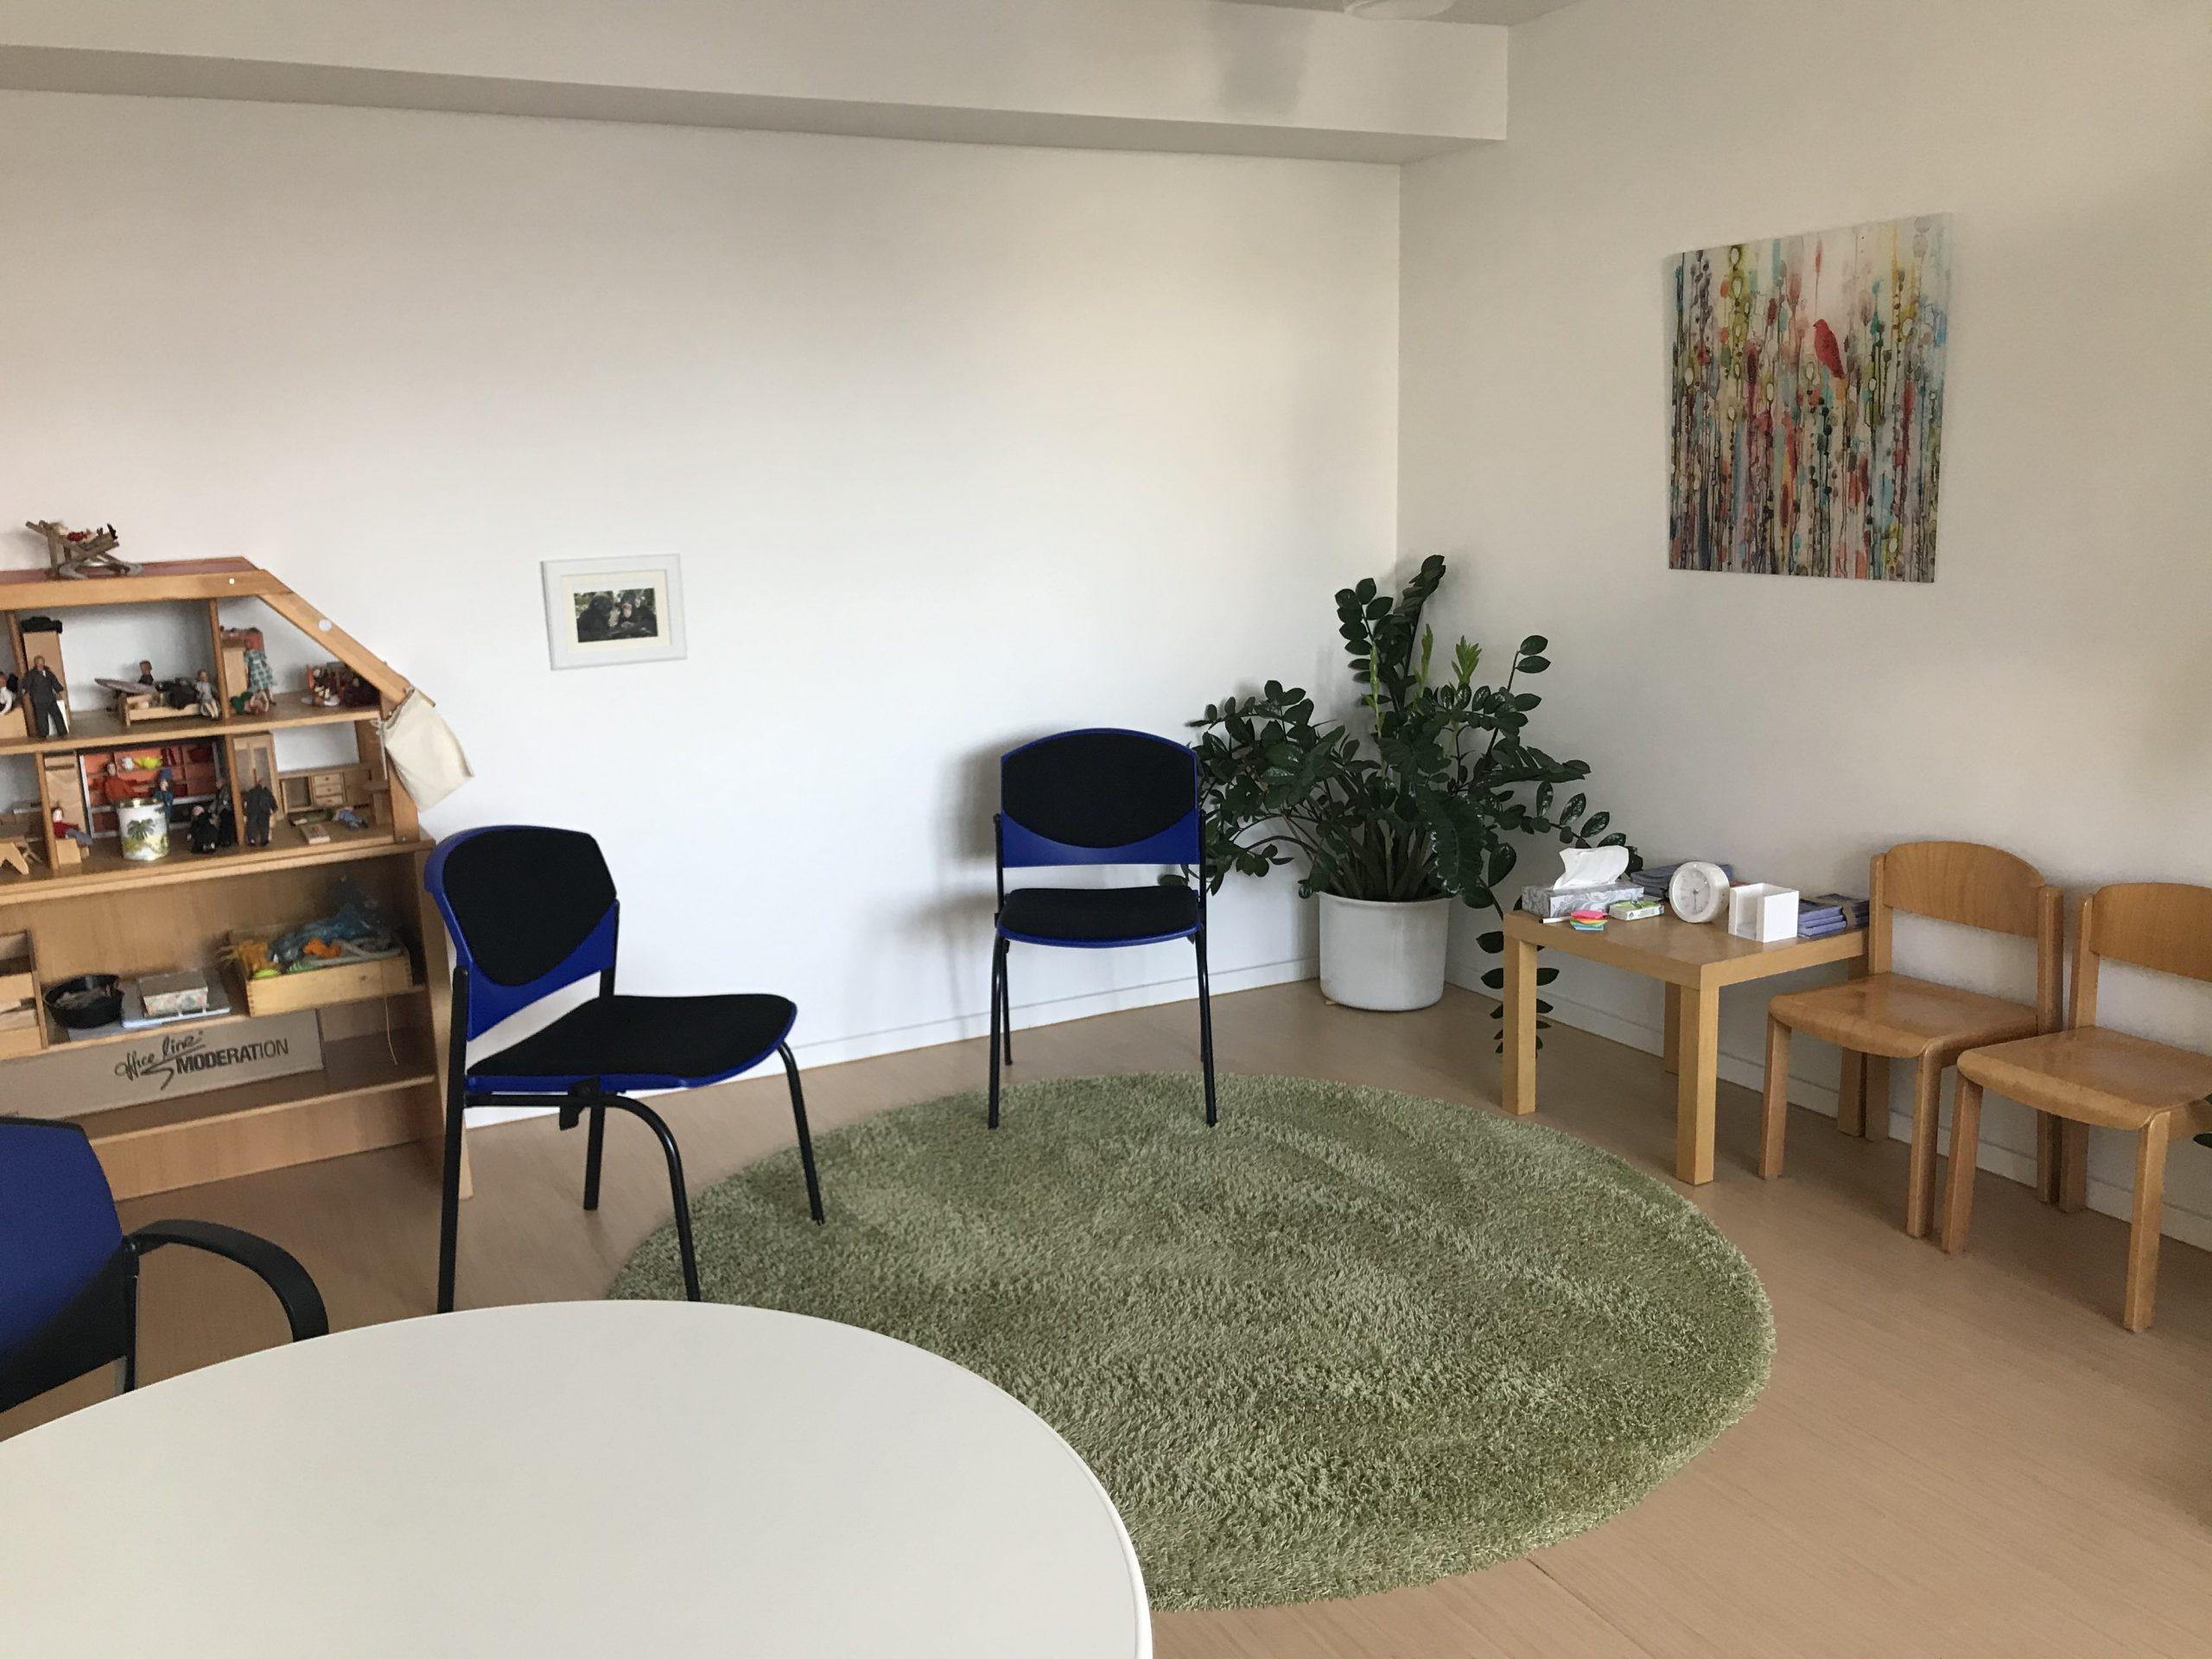 Institut für Beratung und Therapie von Familien und Jugendlichen in Wiesbaden - ITB - Unsere Räume - 3